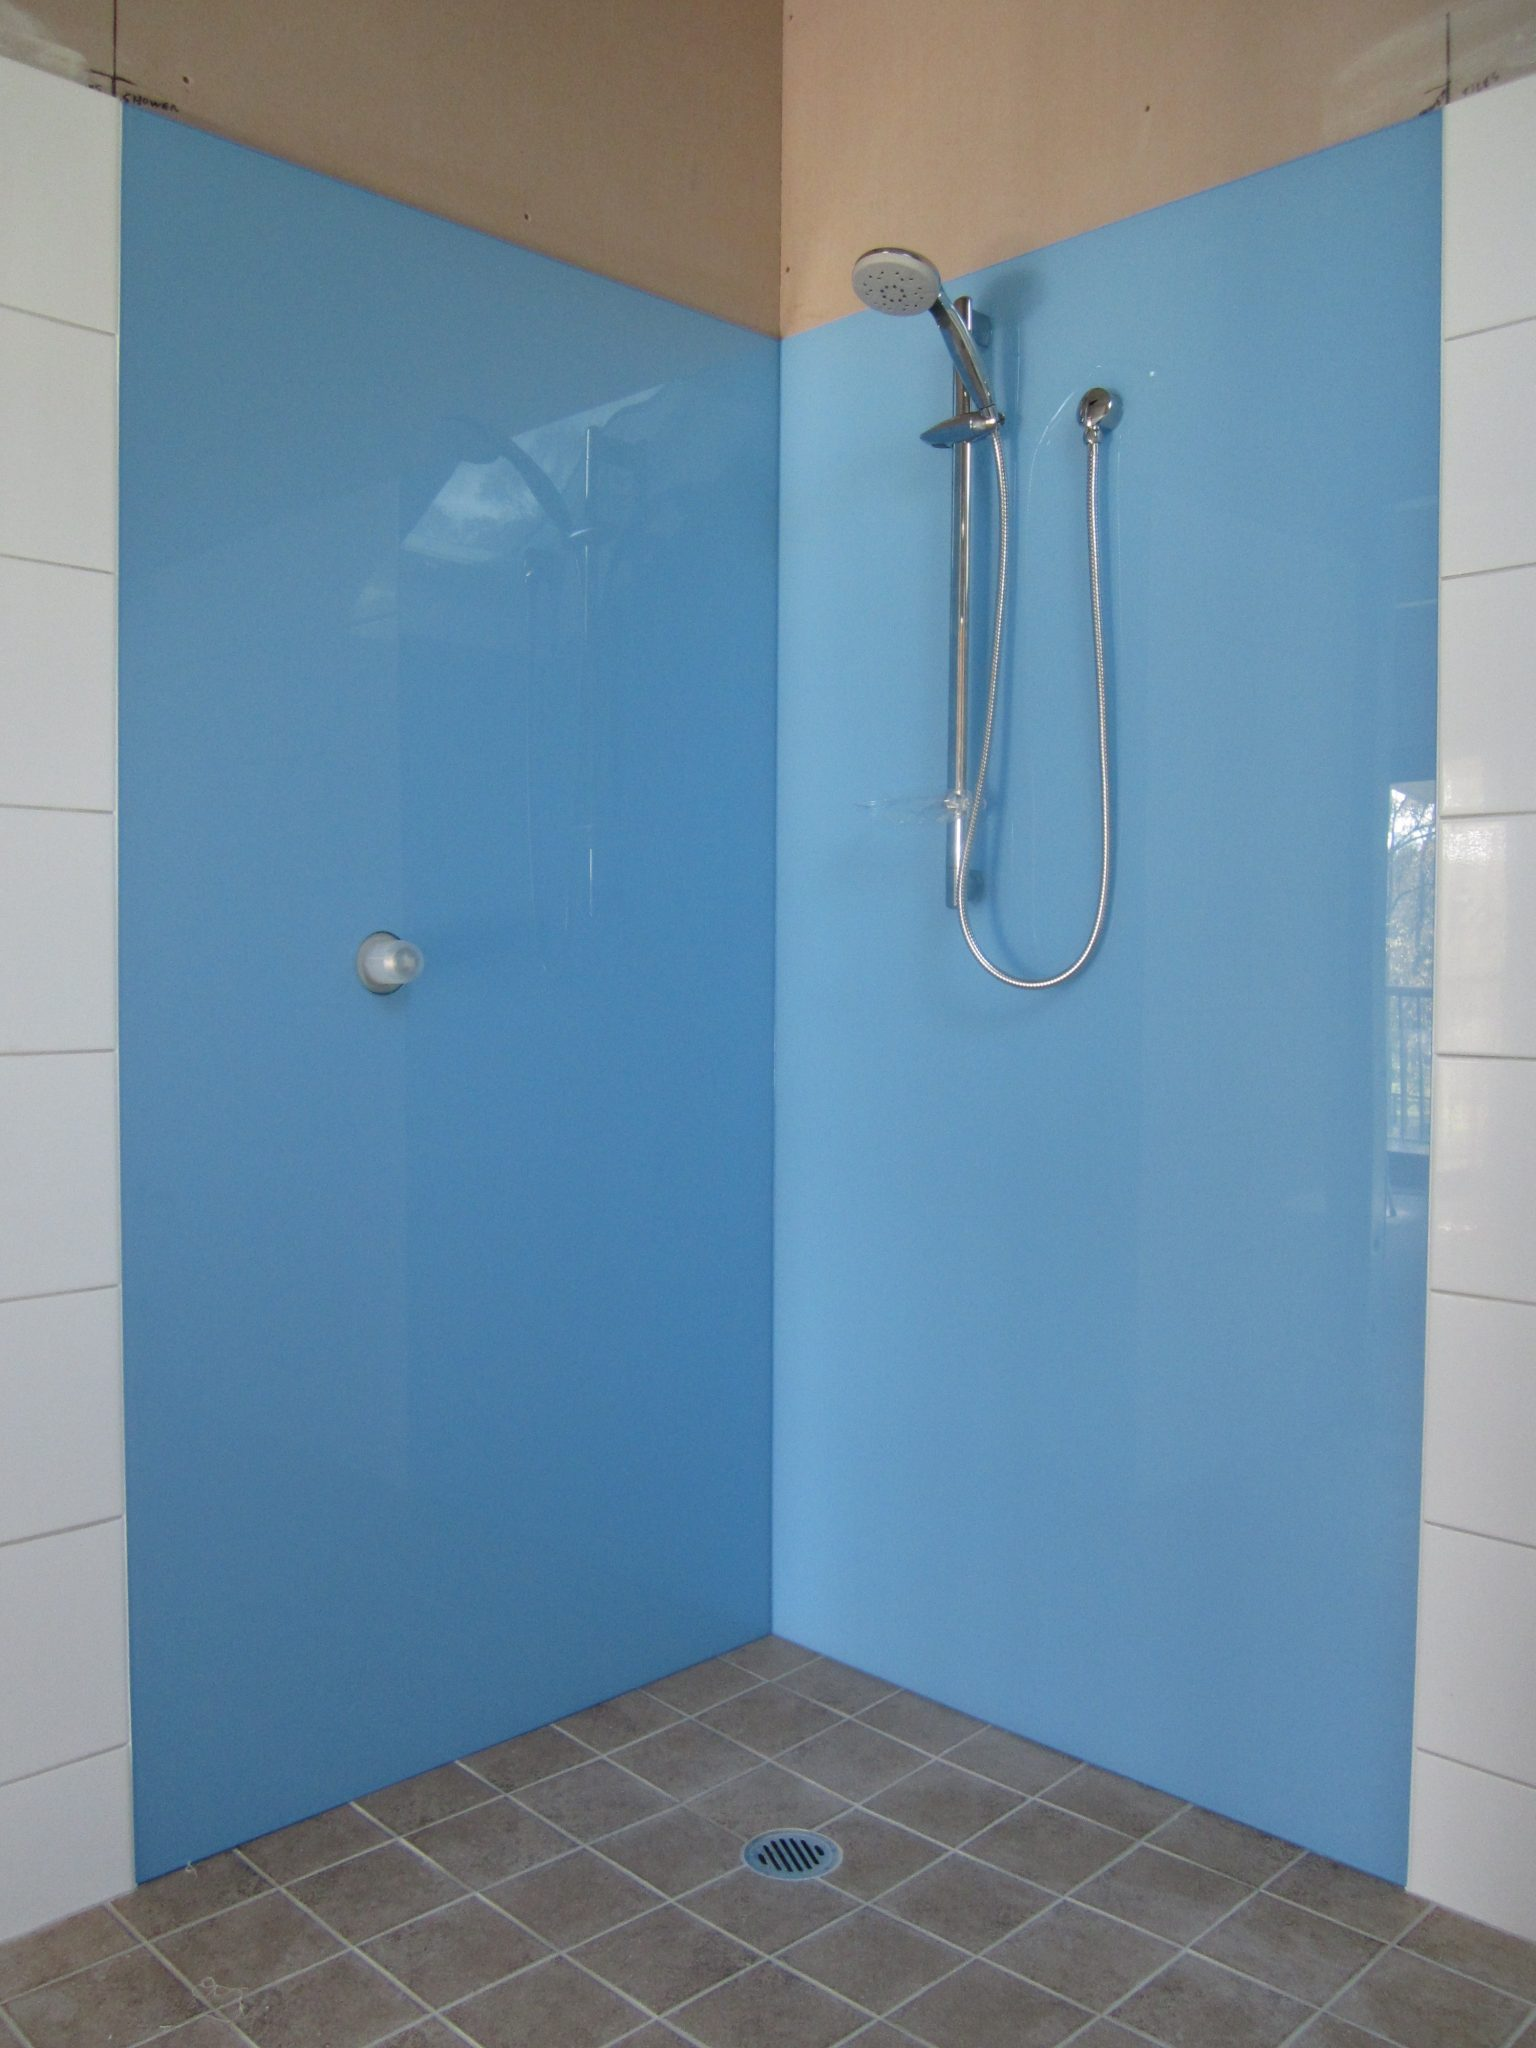 Acrylic Splashbacks for Showers and Bathrooms – OzzieSplash Pty.Ltd